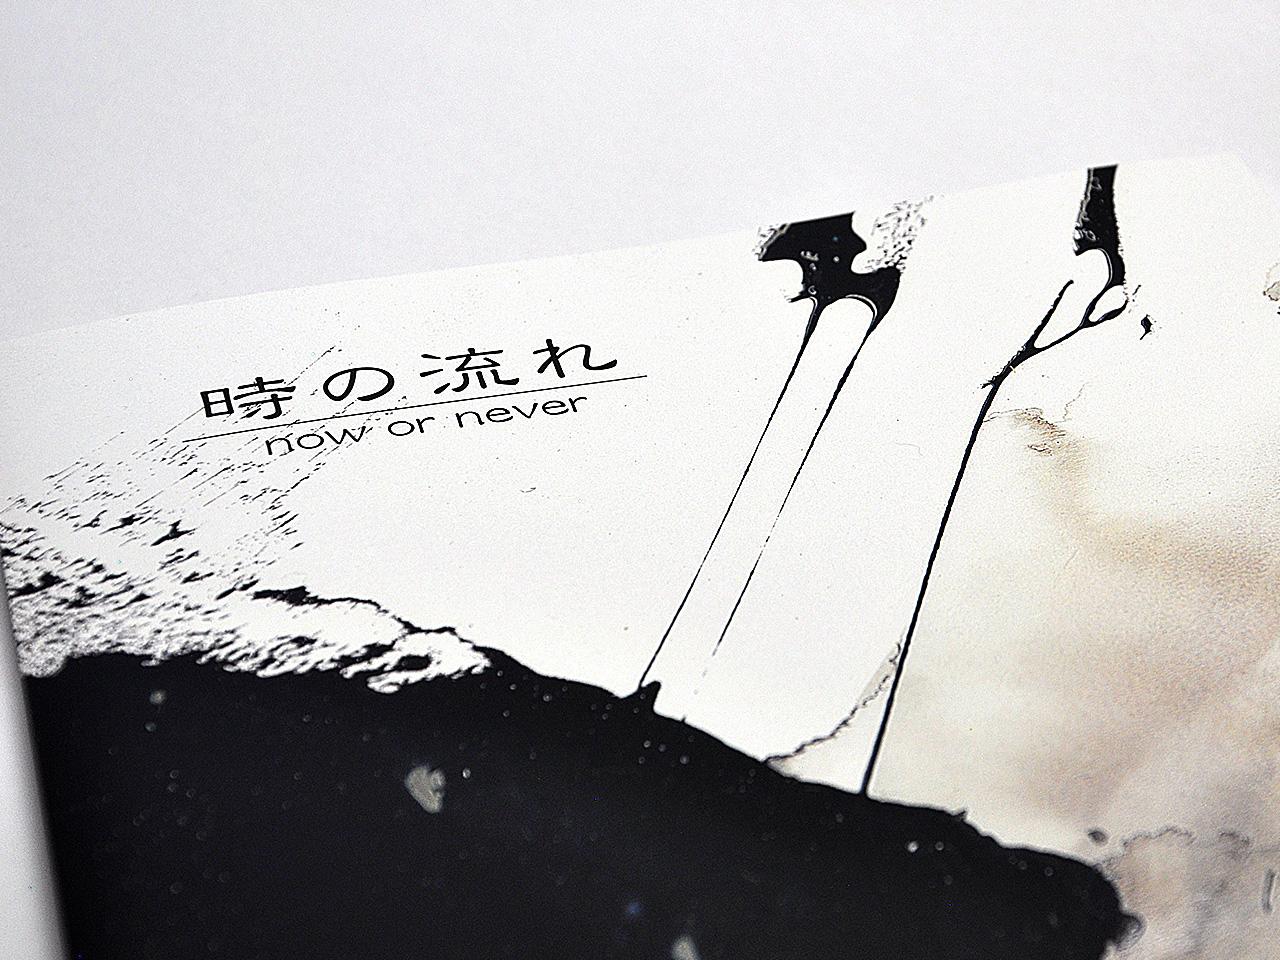 江見容子作品集「時の流れ」表紙